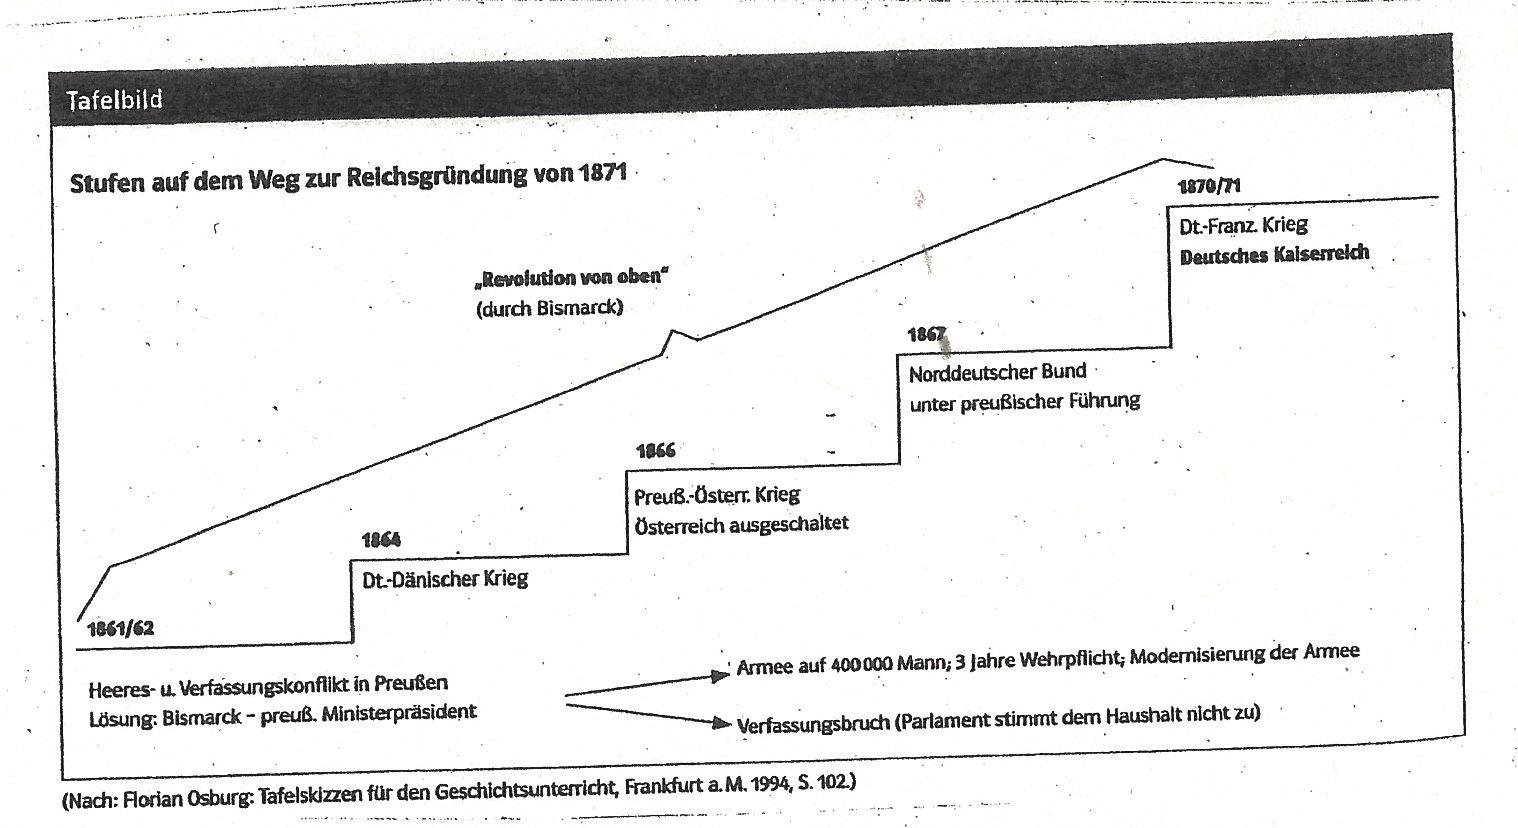 KAISERREICH_TAFELBILDER001_Stufen zur Reichgründung